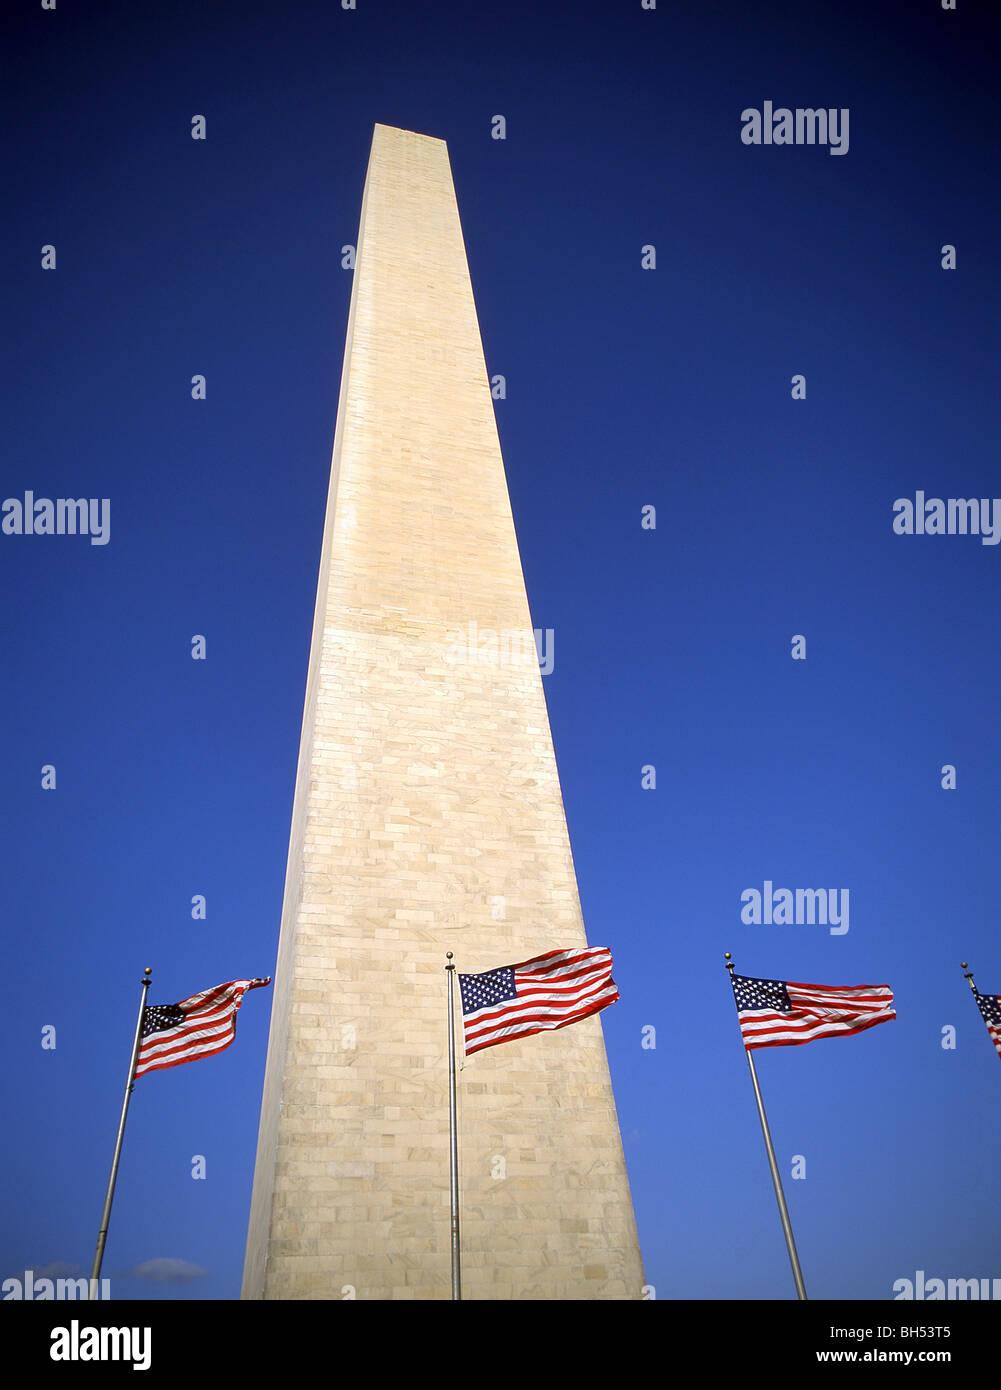 Washington Monument, Washington DC, United States of America - Stock Image